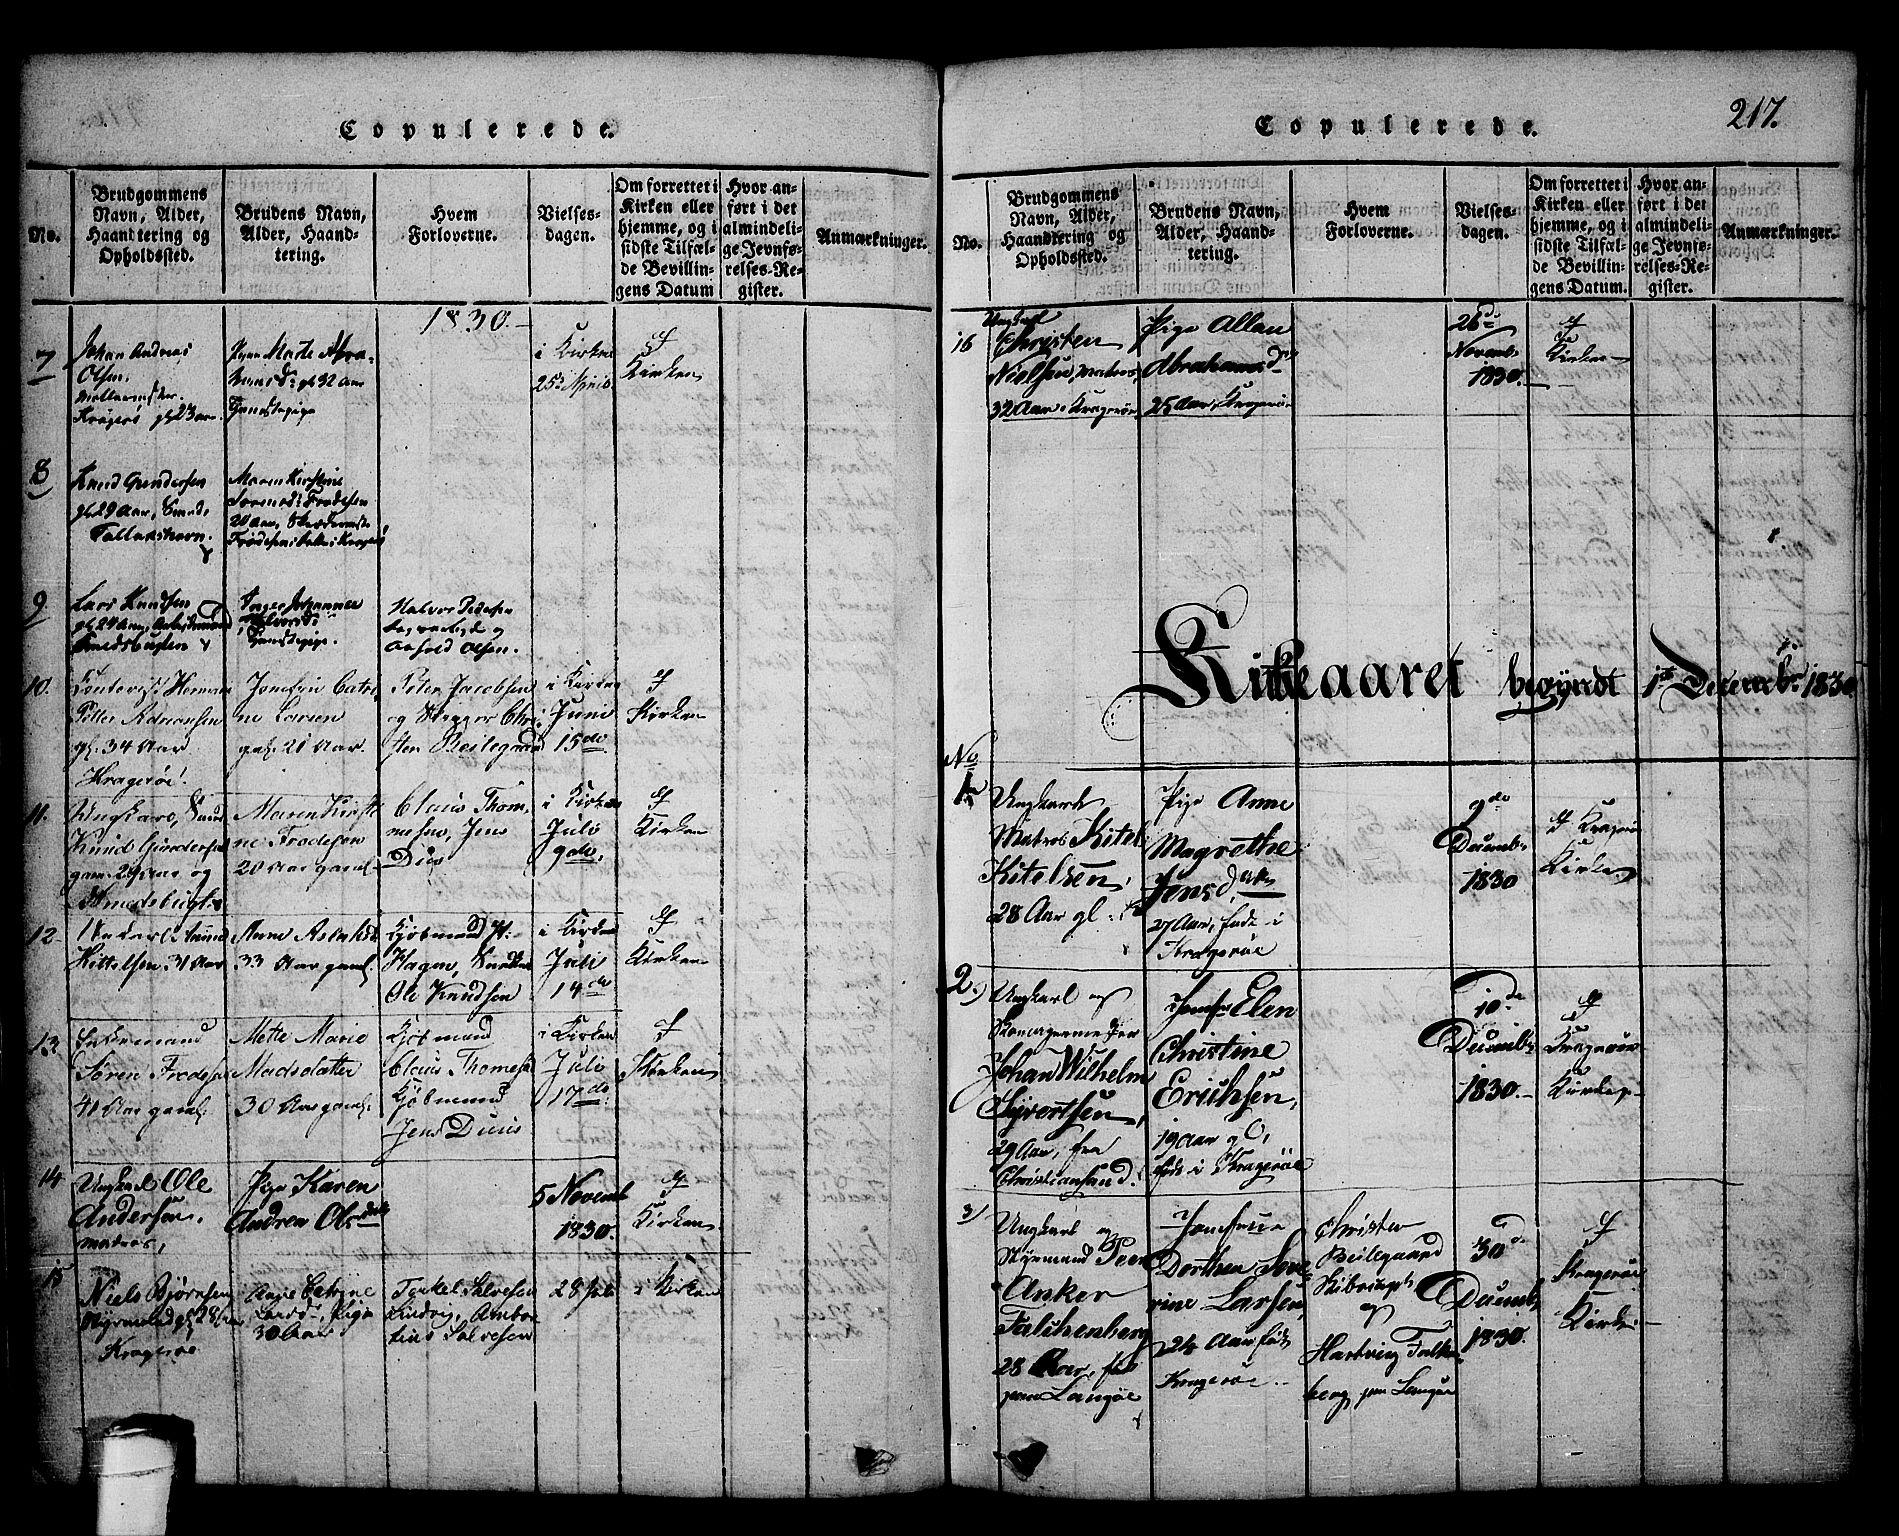 SAKO, Kragerø kirkebøker, G/Ga/L0002: Klokkerbok nr. 2, 1814-1831, s. 217